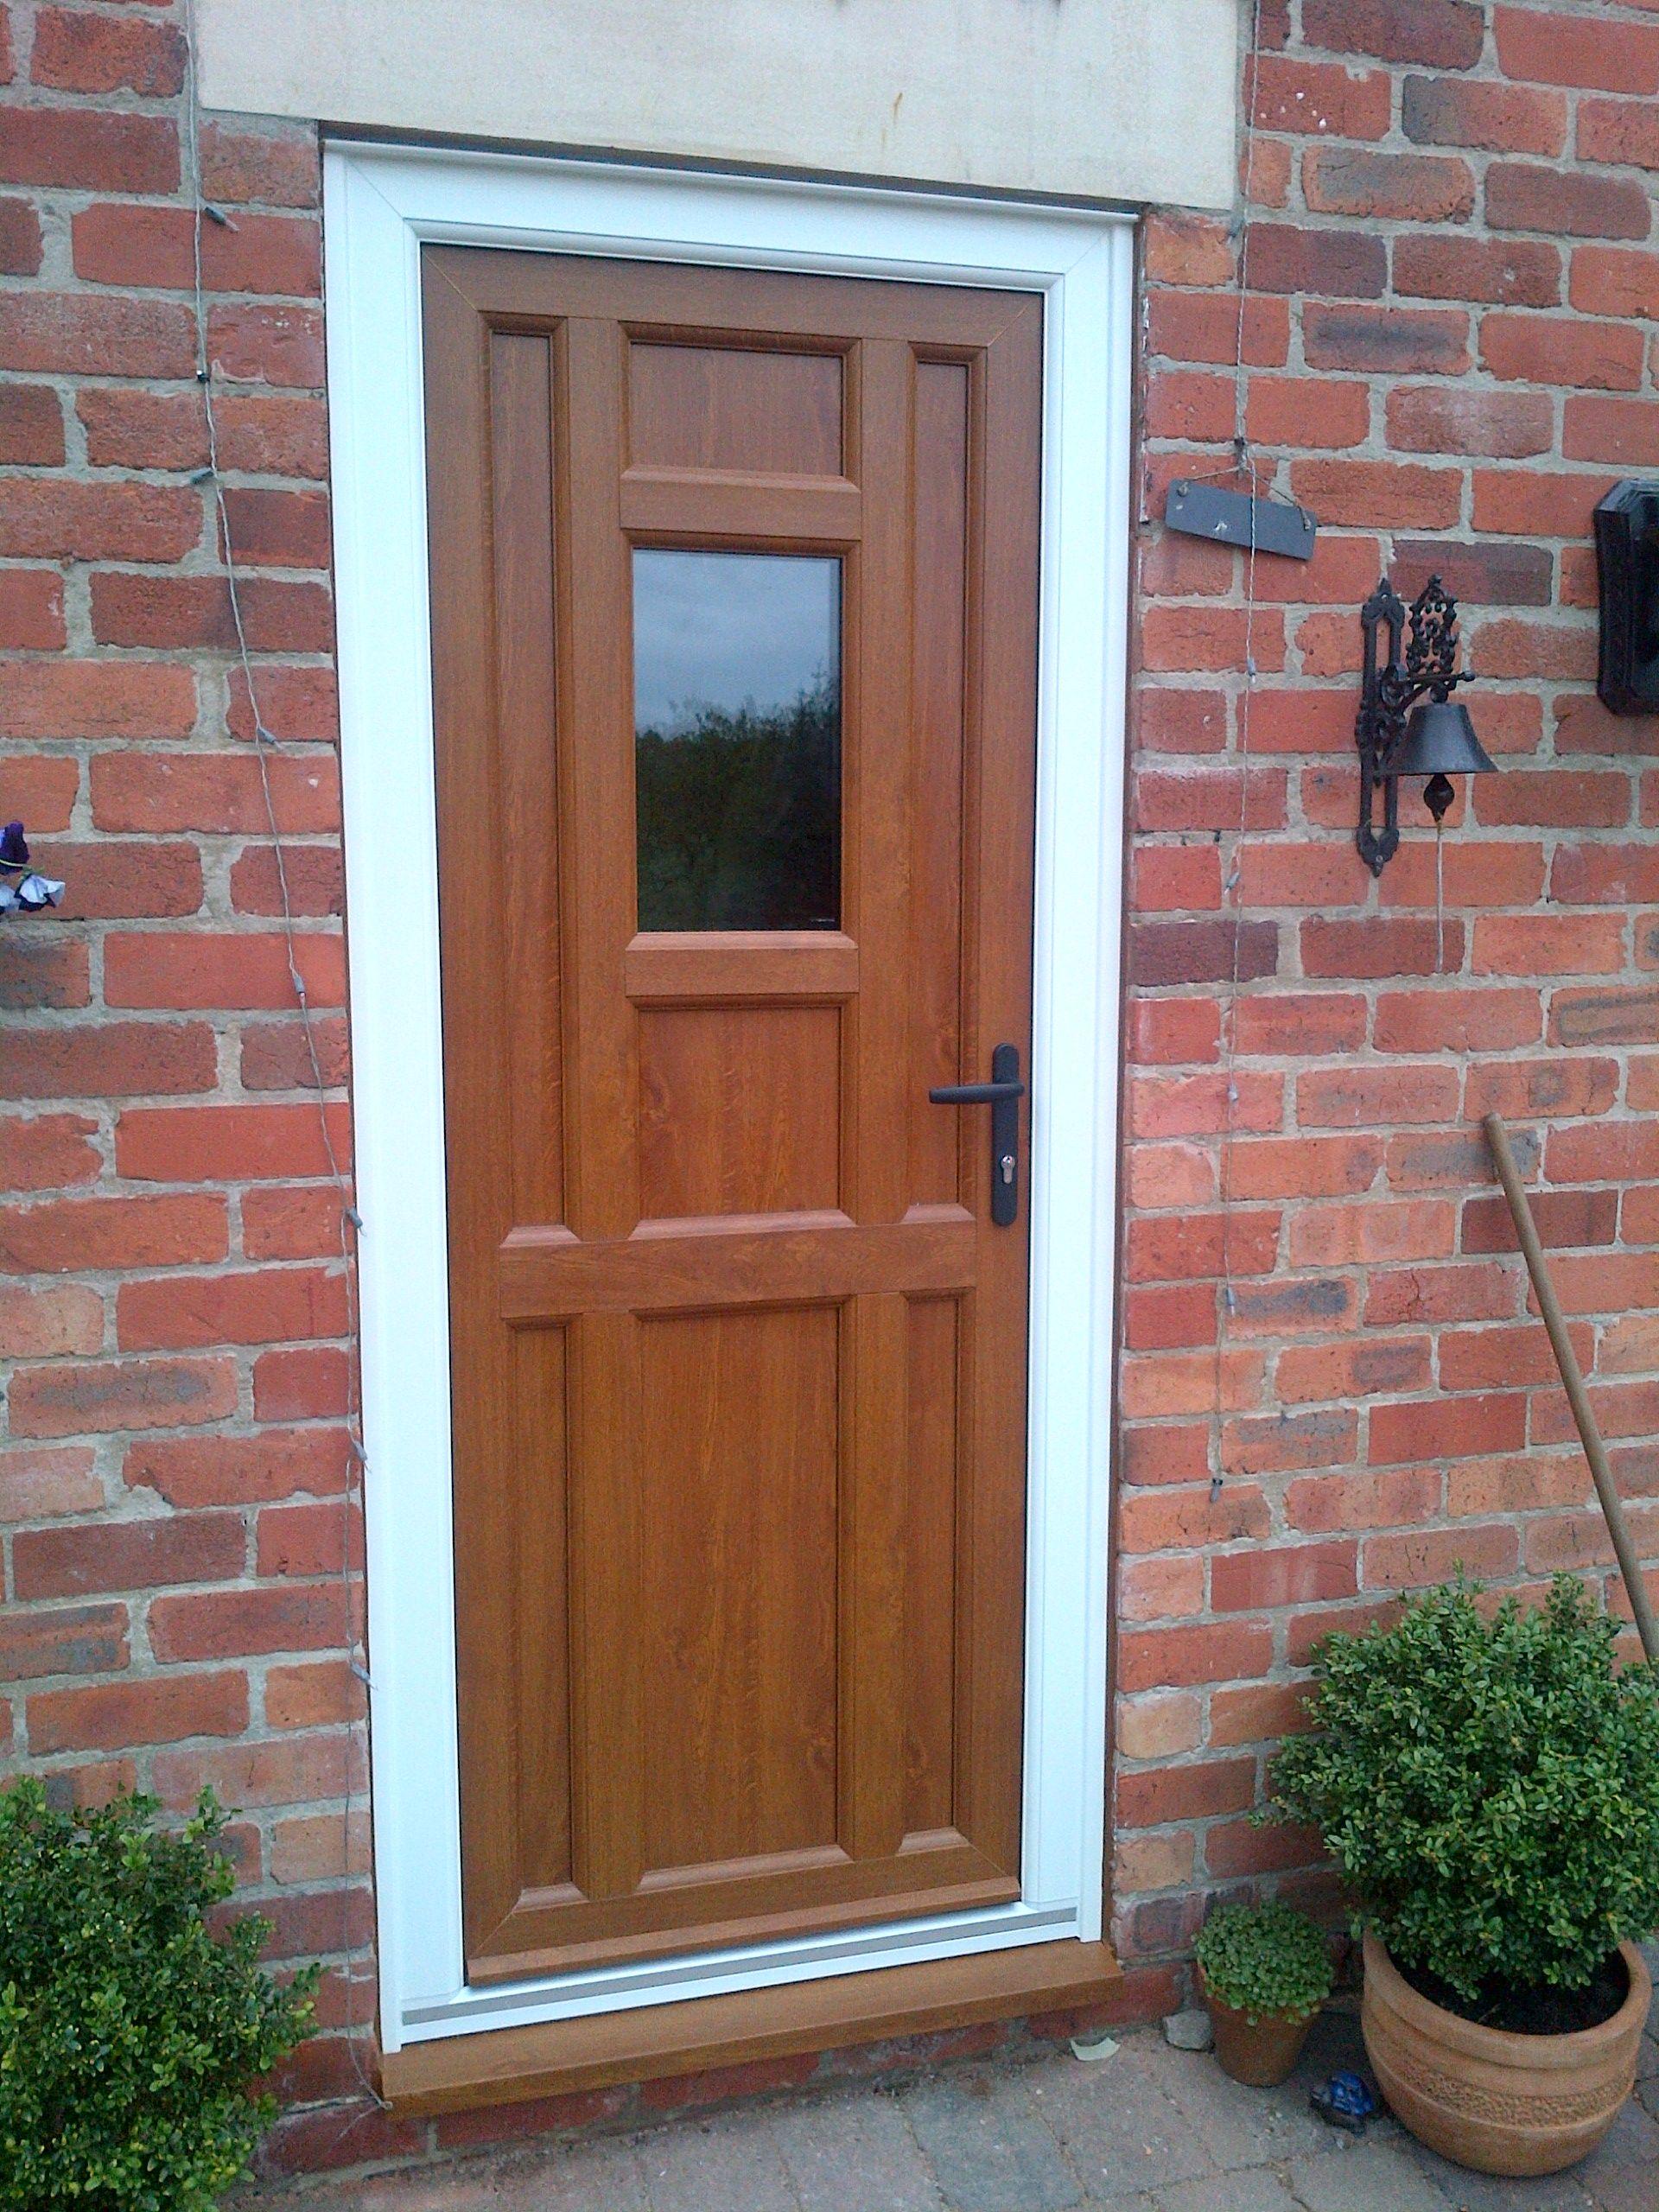 Bespoke upvc front door in light oak with black door furniture bespoke upvc front door in light oak with black door furniture httpsupvcfabricatorsindelhi rubansaba